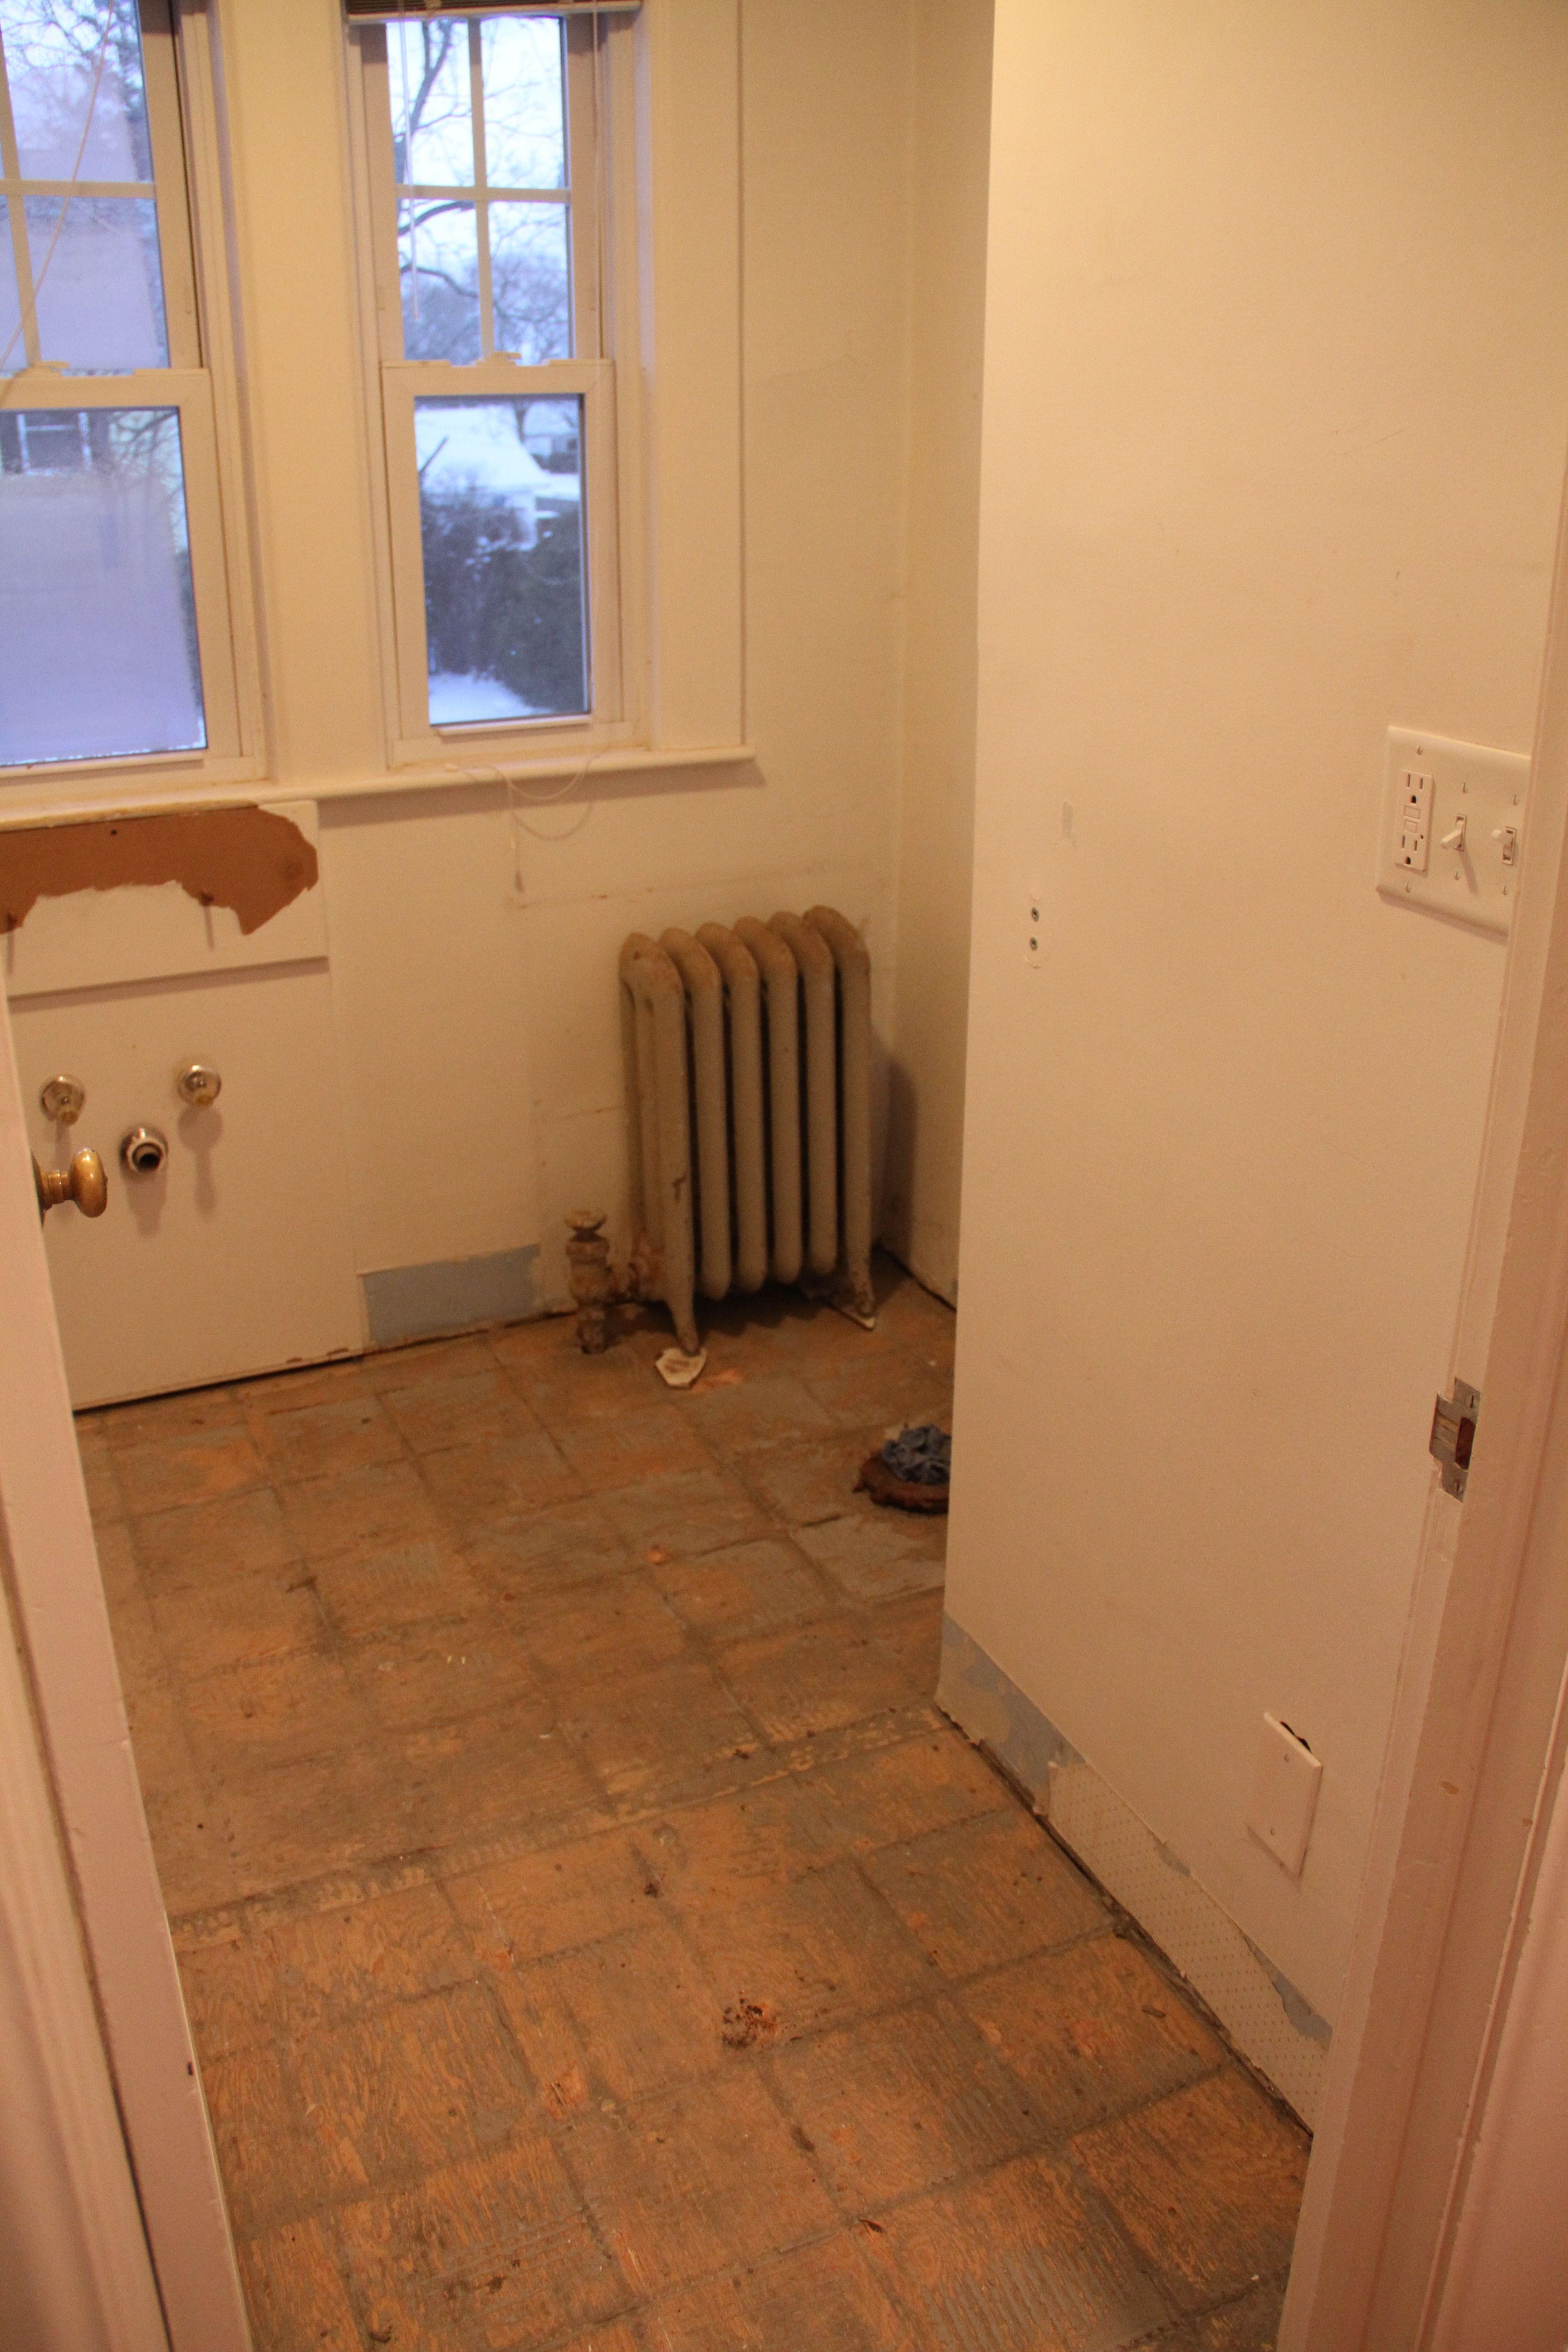 No sink. No toilet. No baseboard moldings. No floor tile. Love it.